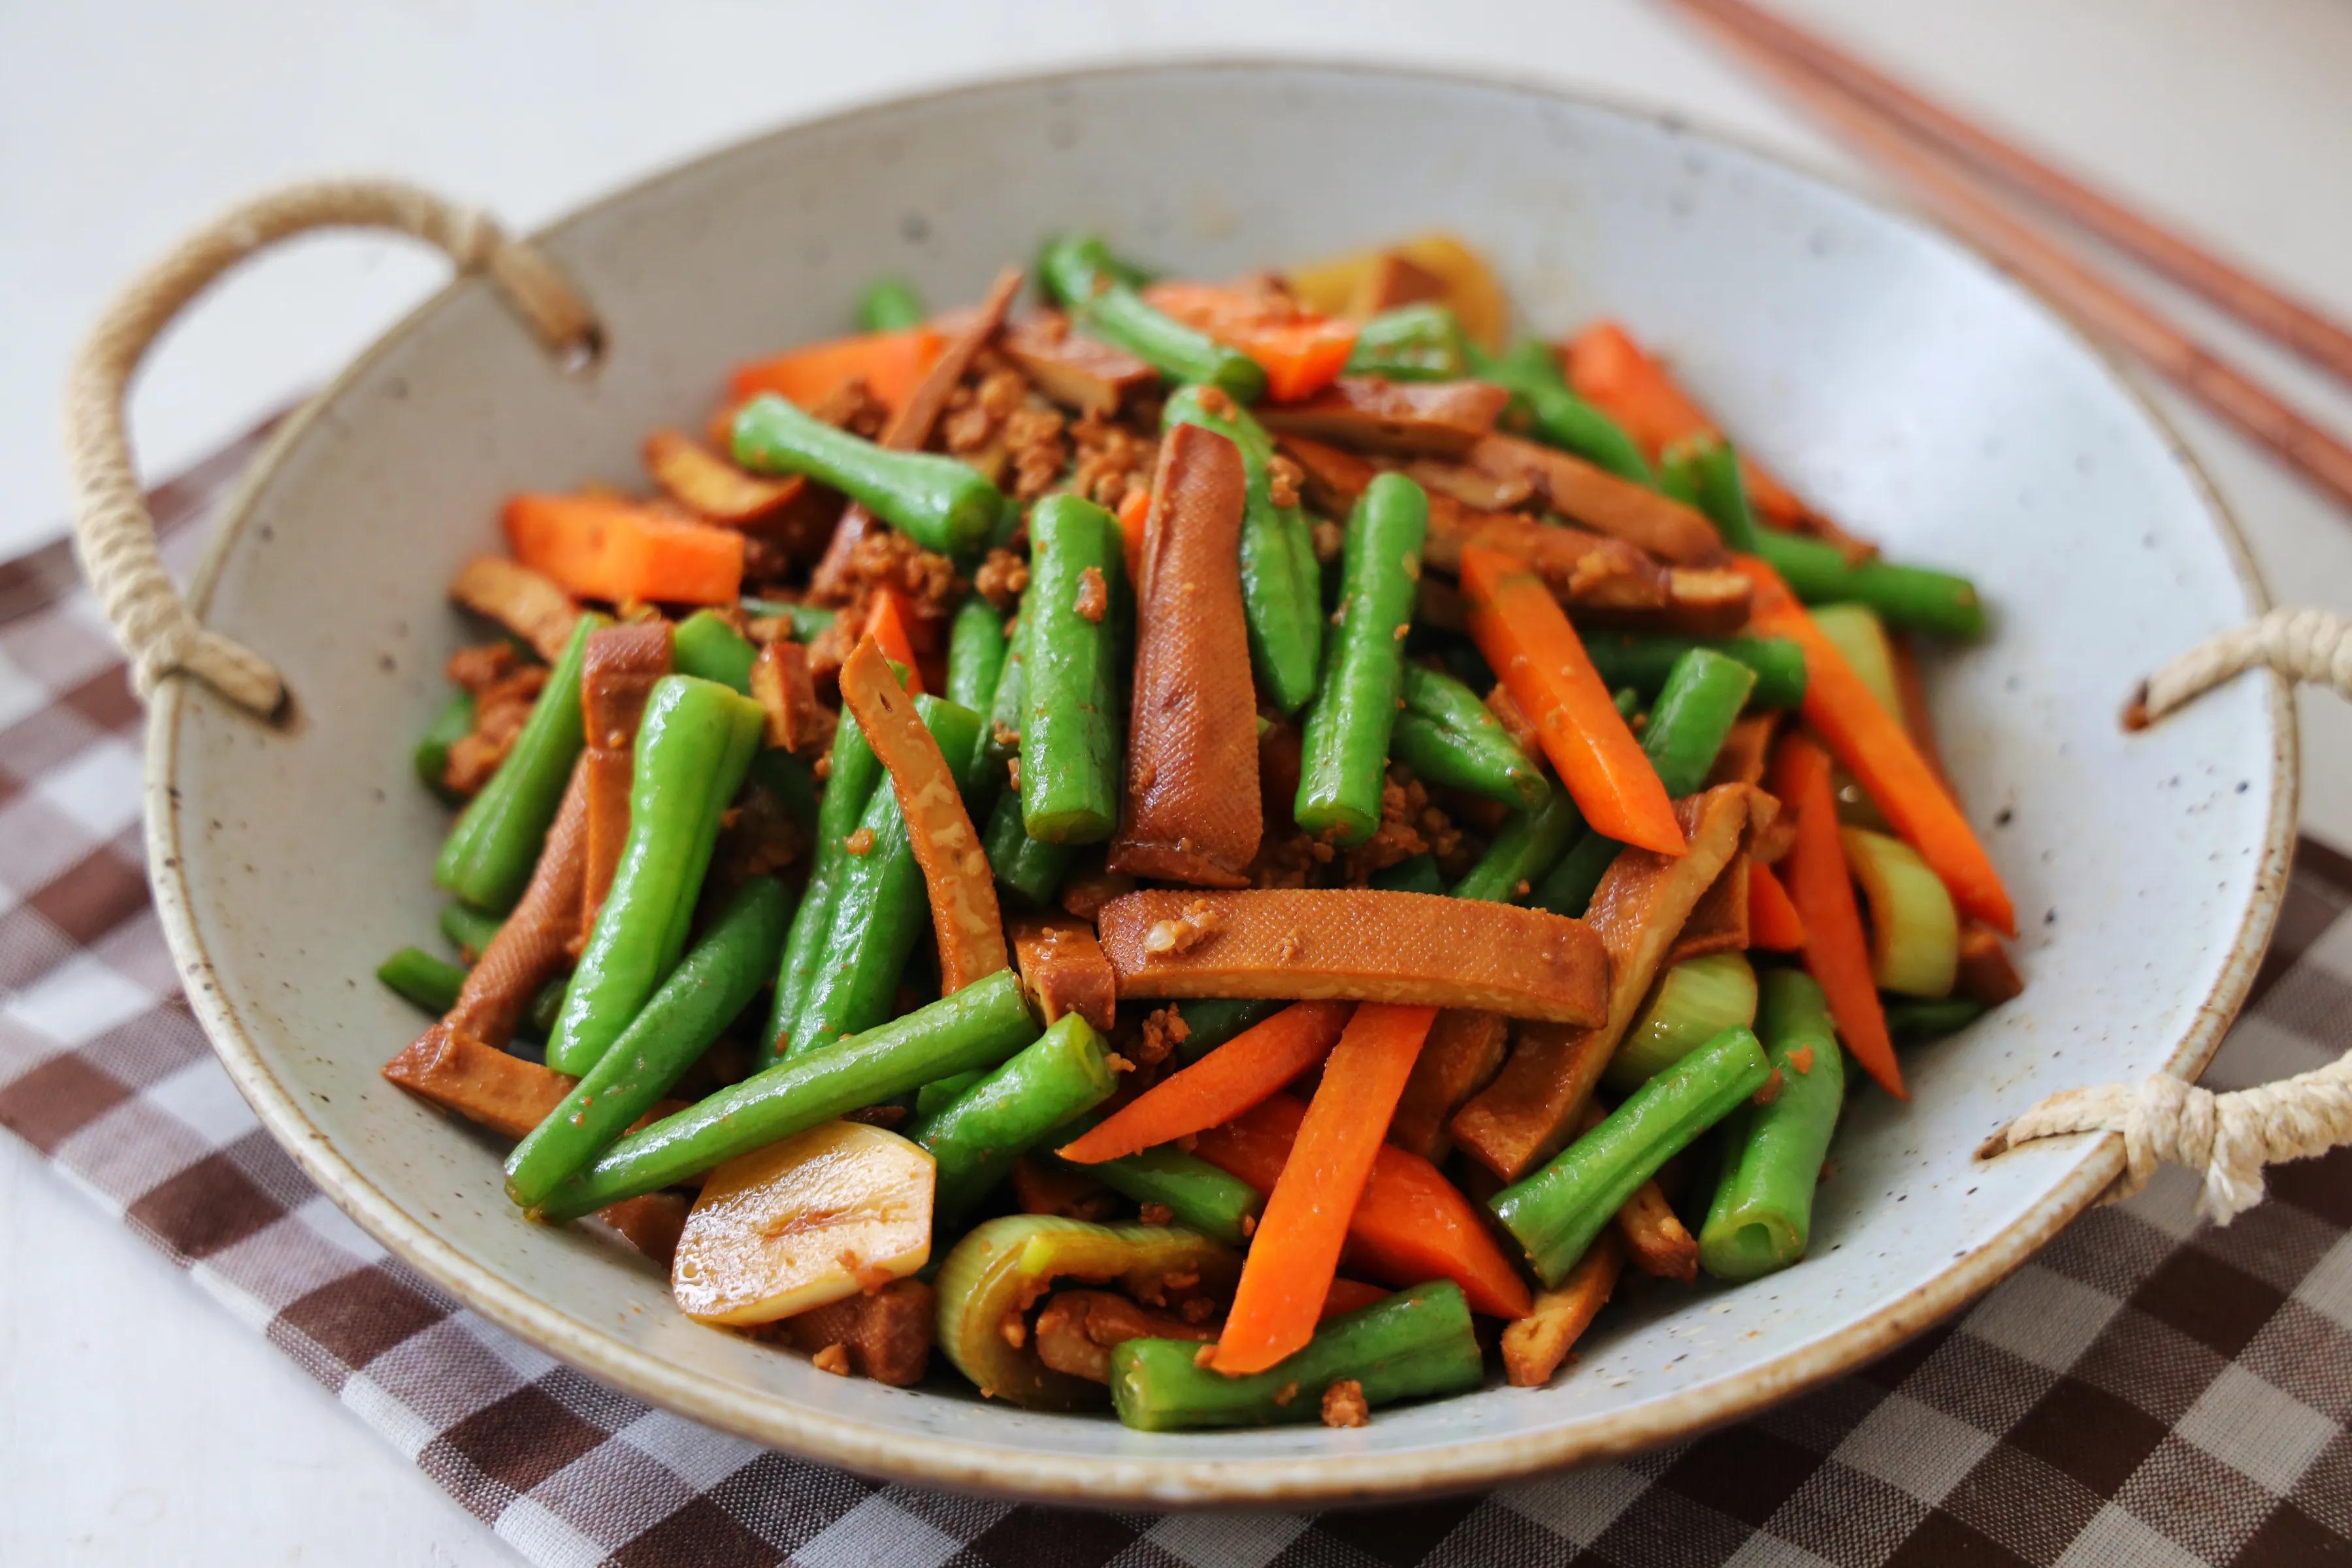 天气热,晚餐要多吃这道家常菜,营养丰富好下饭,多吃也无负担 美食做法 第1张